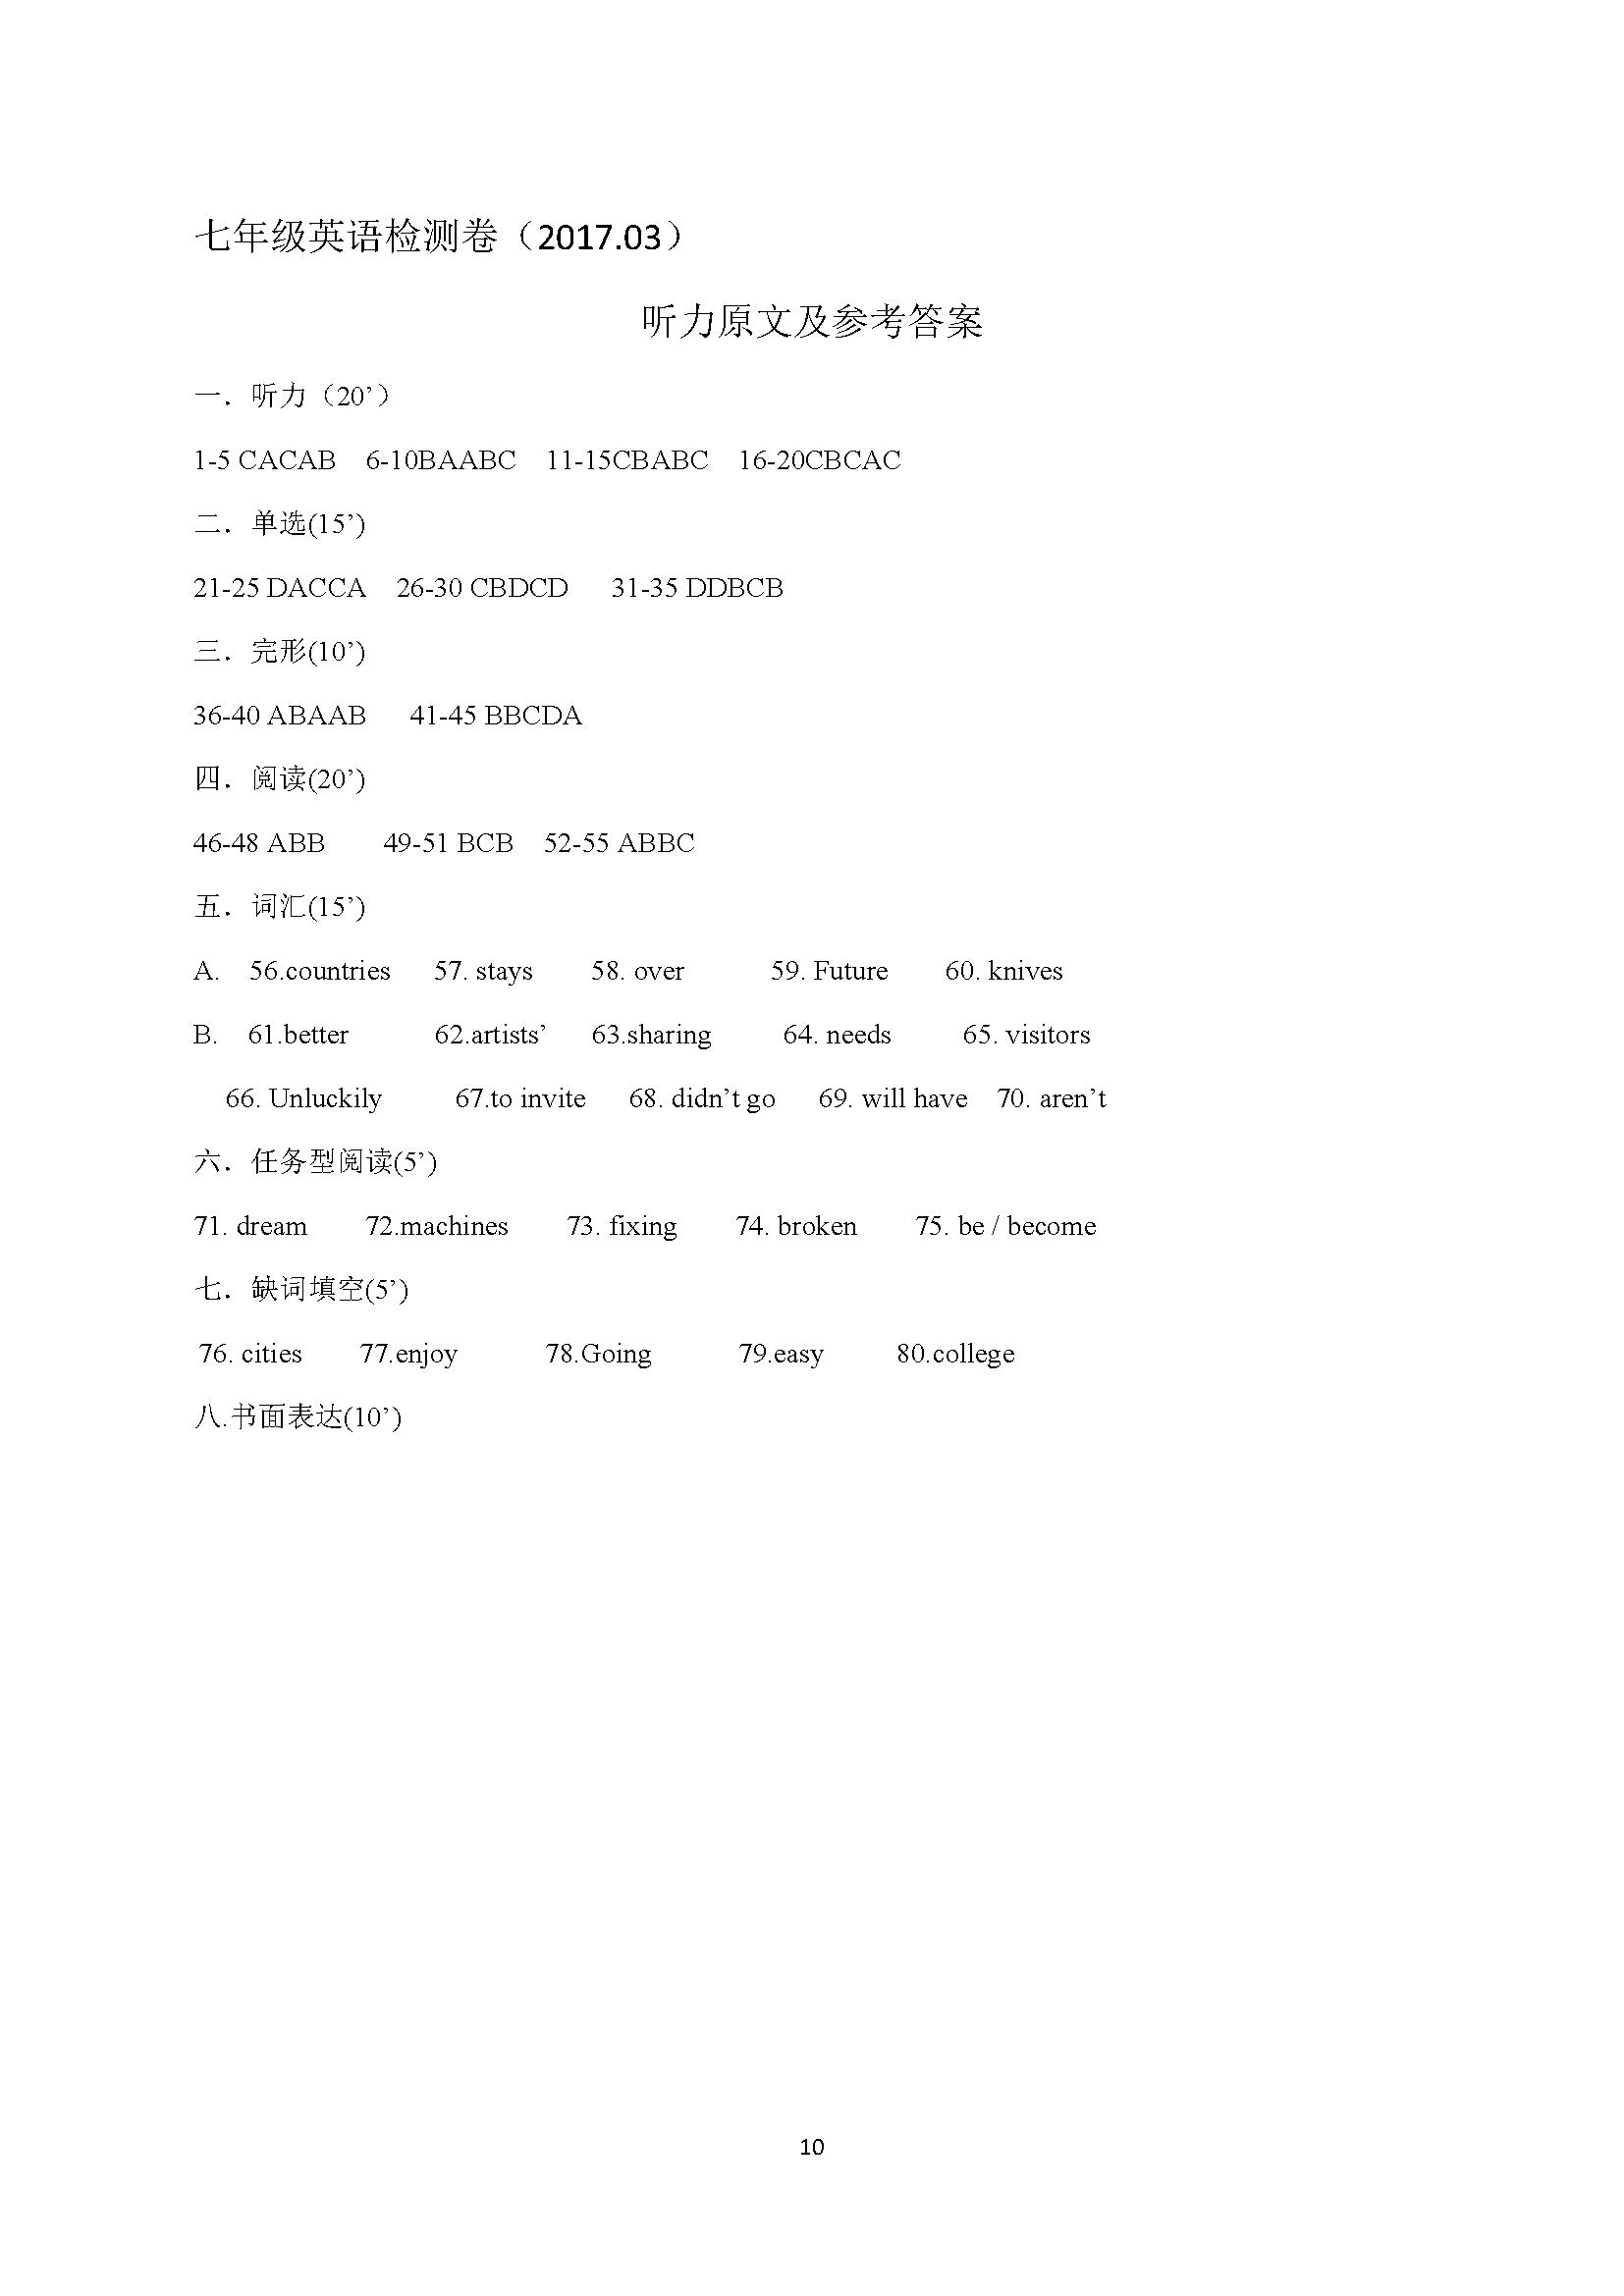 2017江苏镇江丹阳实验学校七年级3月月考英语试题答案(图片版)